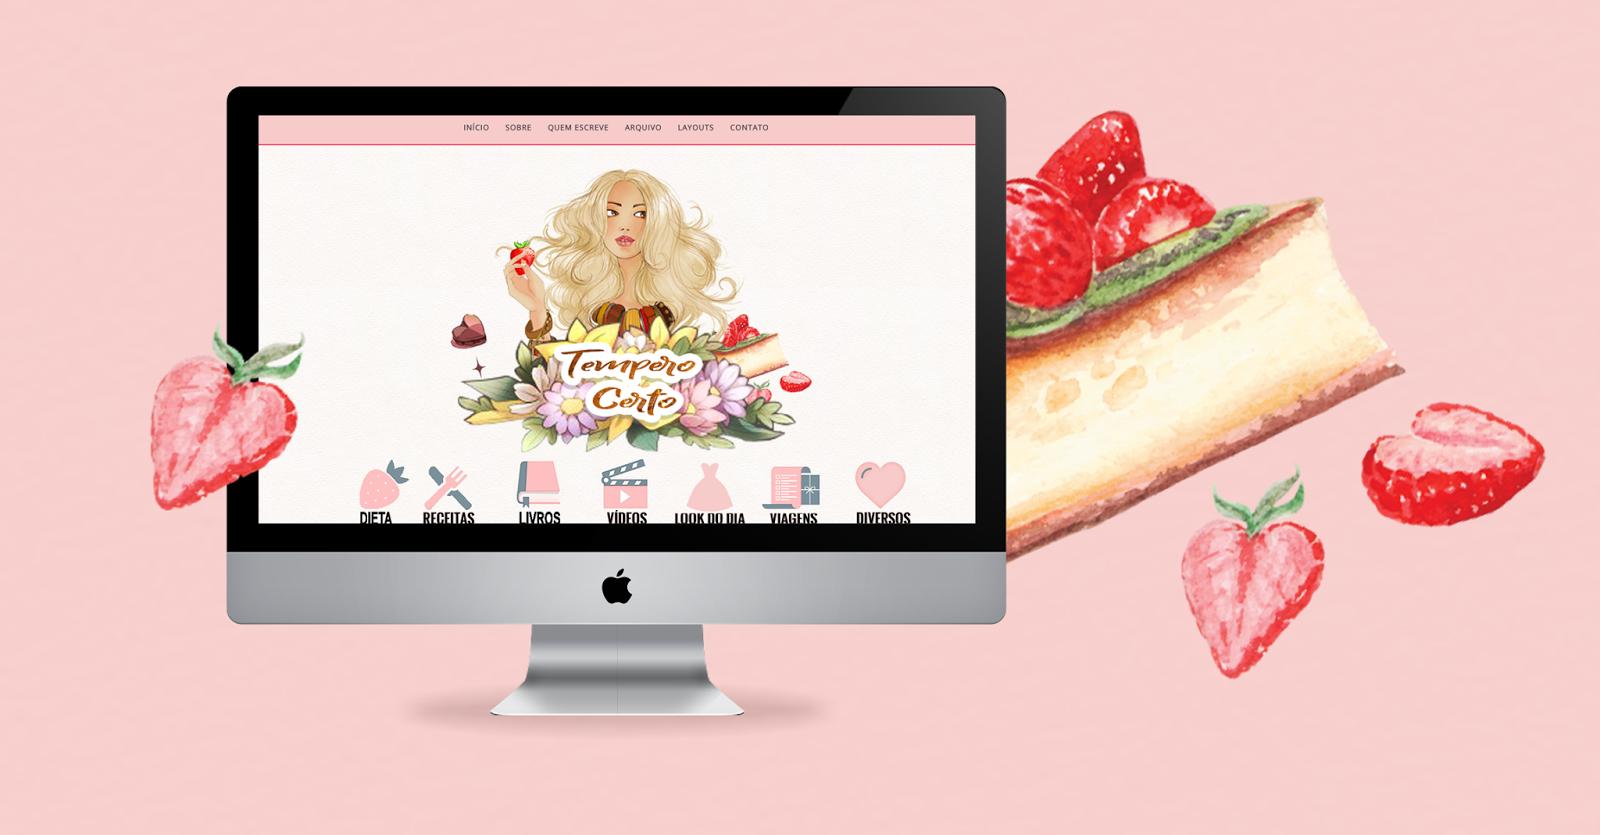 Layout free para blog de culinária